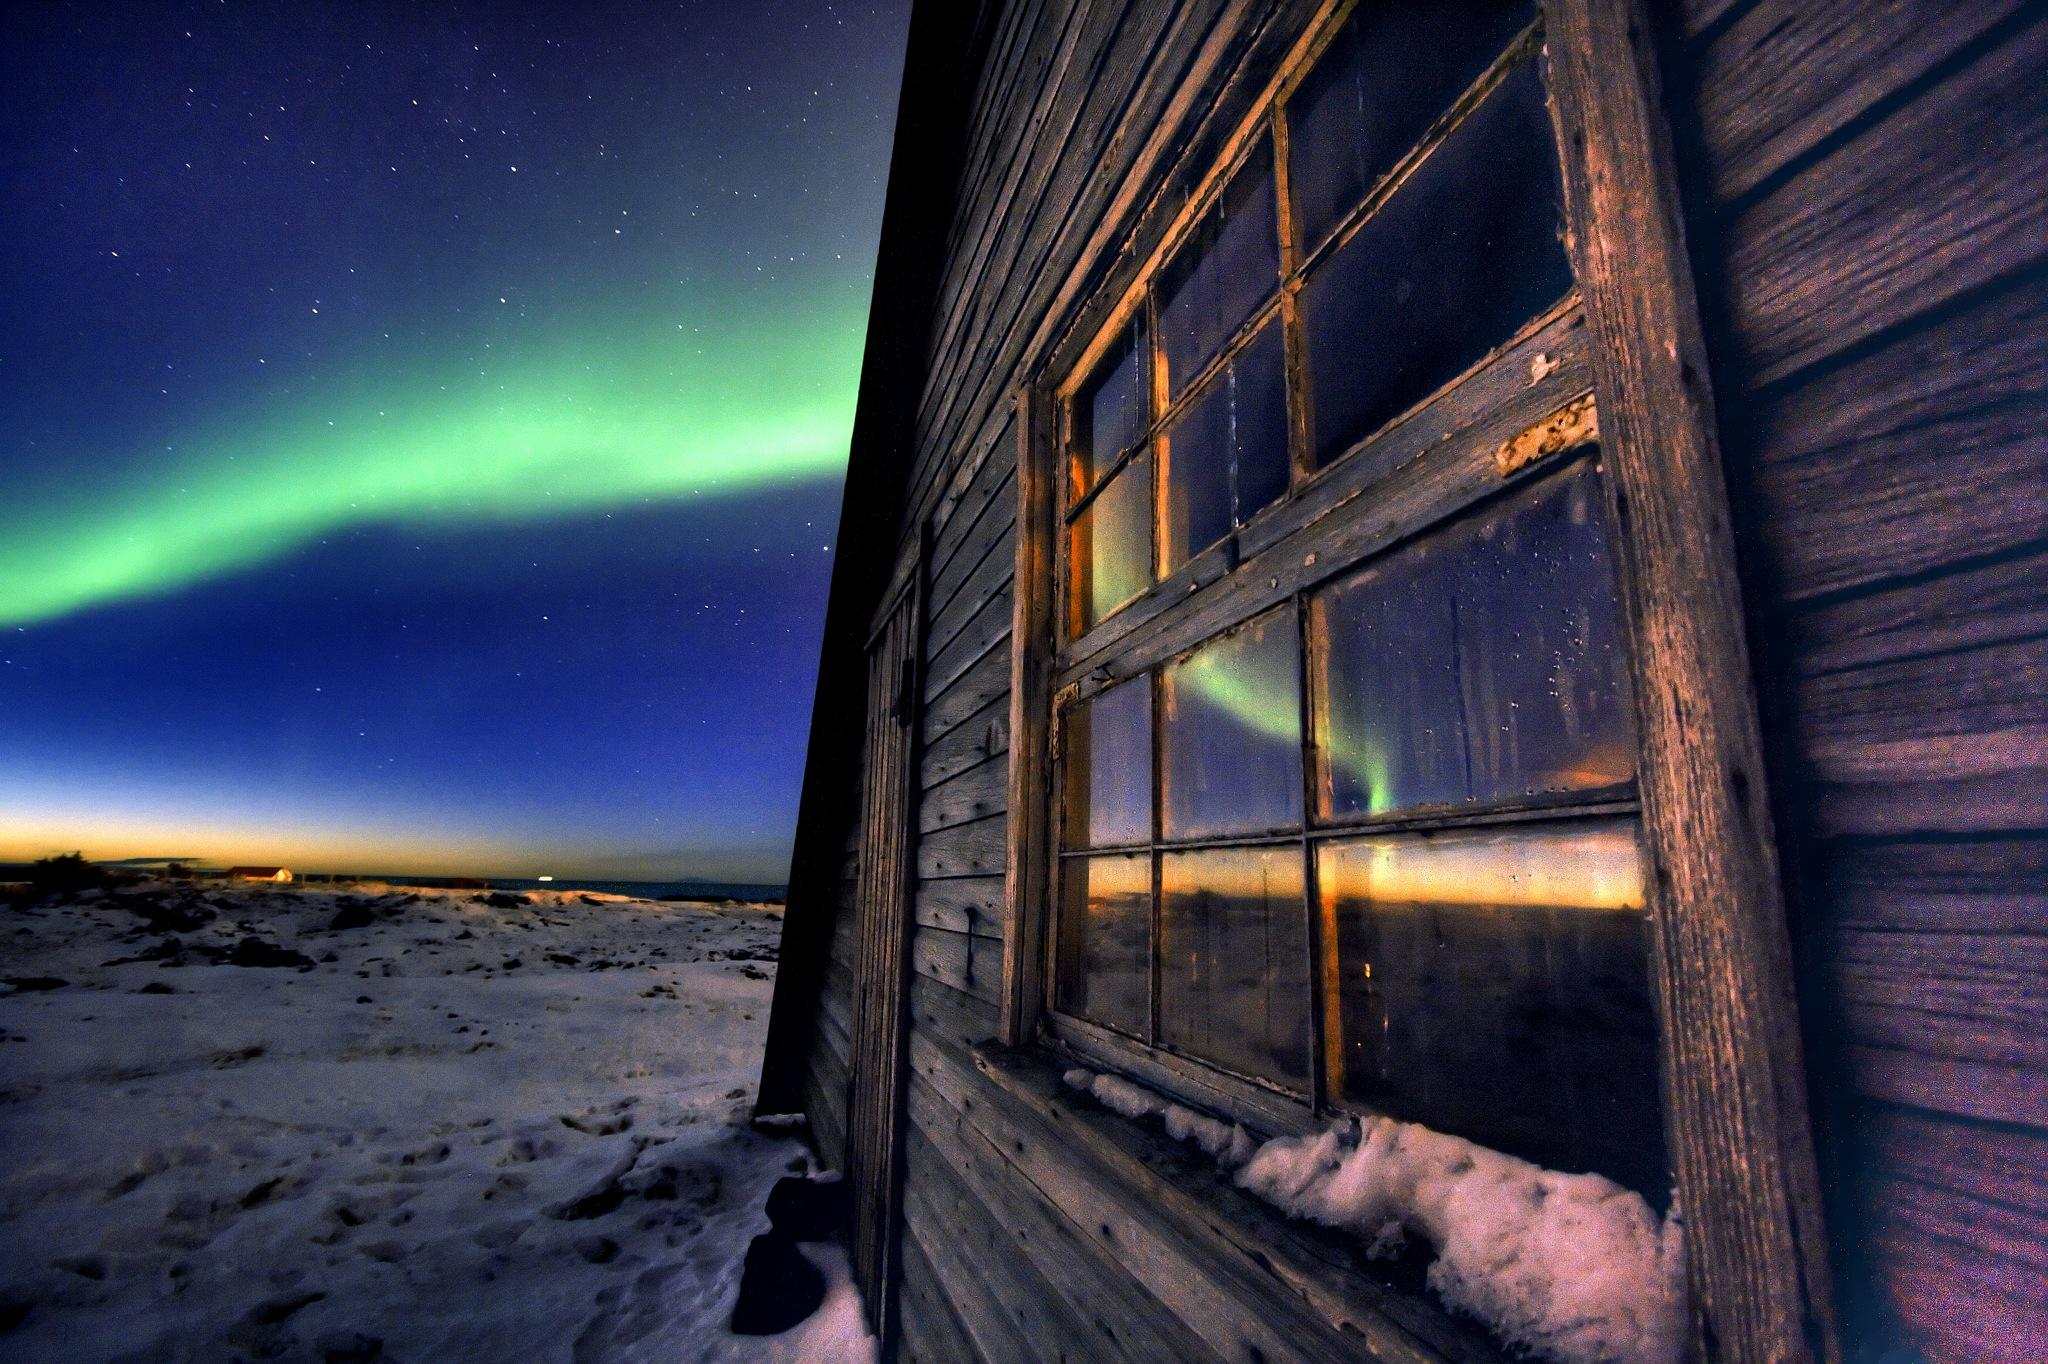 Обои рейкьявик, Исландия, ночь, свет. Города foto 13